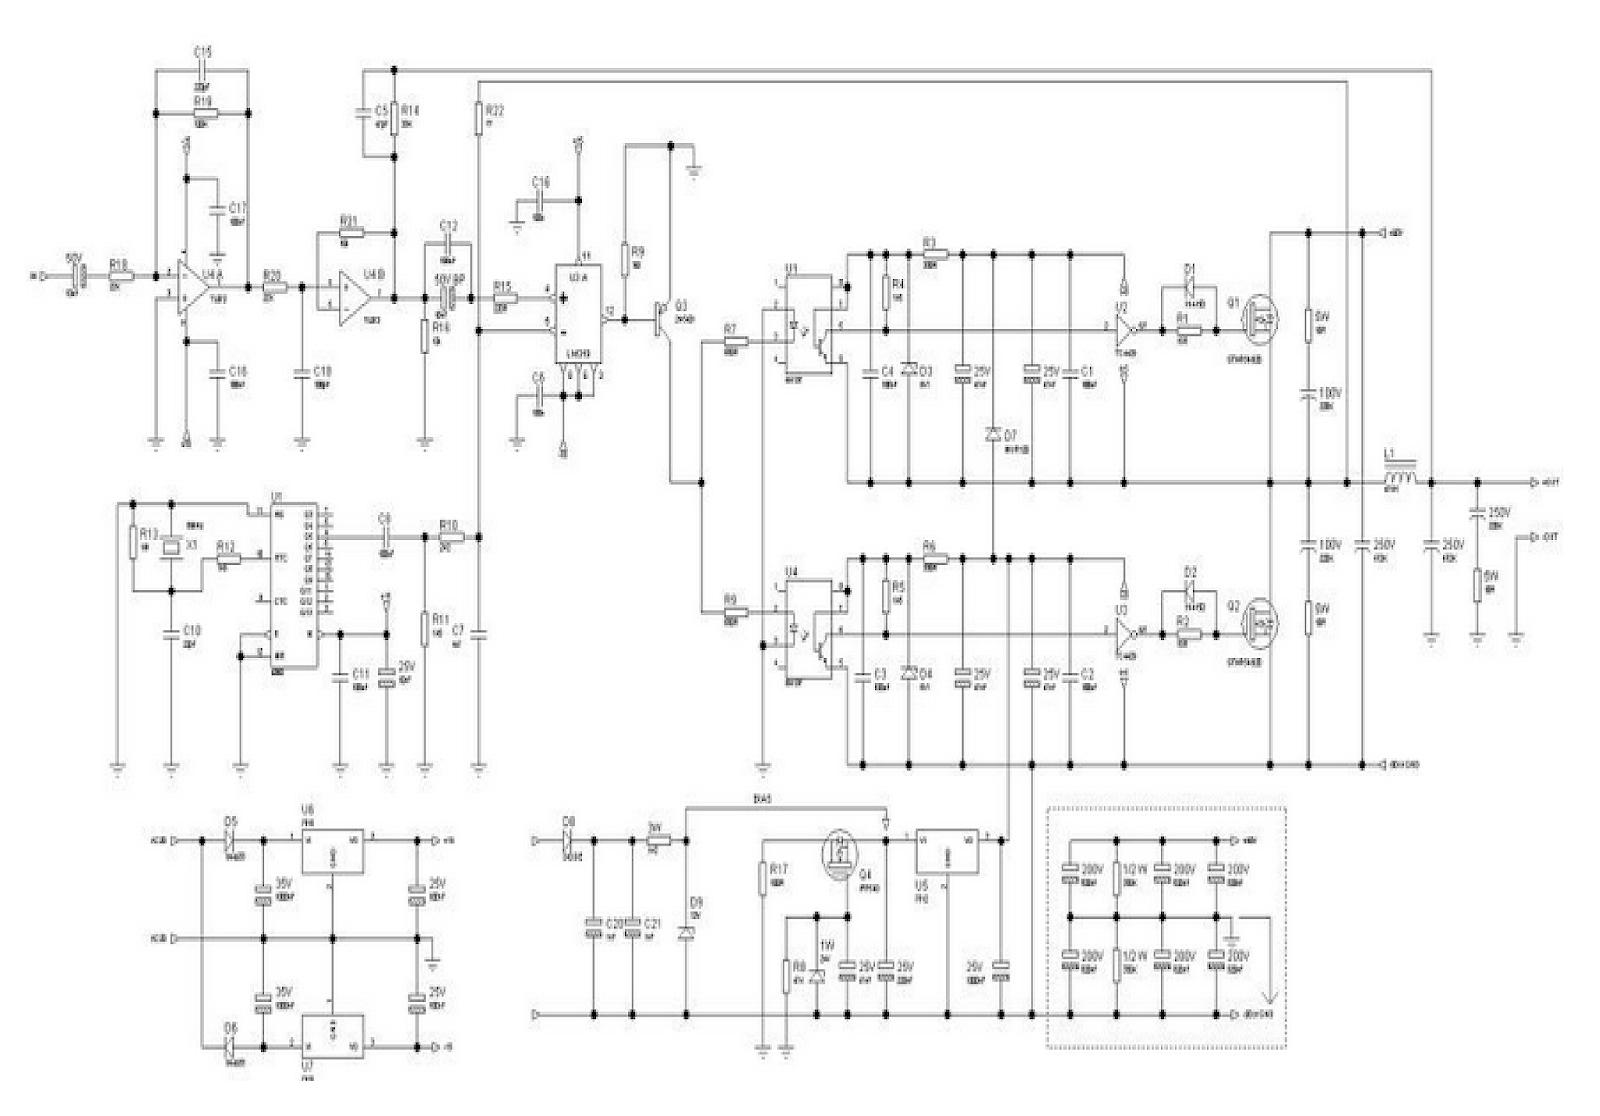 class d amplifier schematic 1000w [ 1600 x 1116 Pixel ]